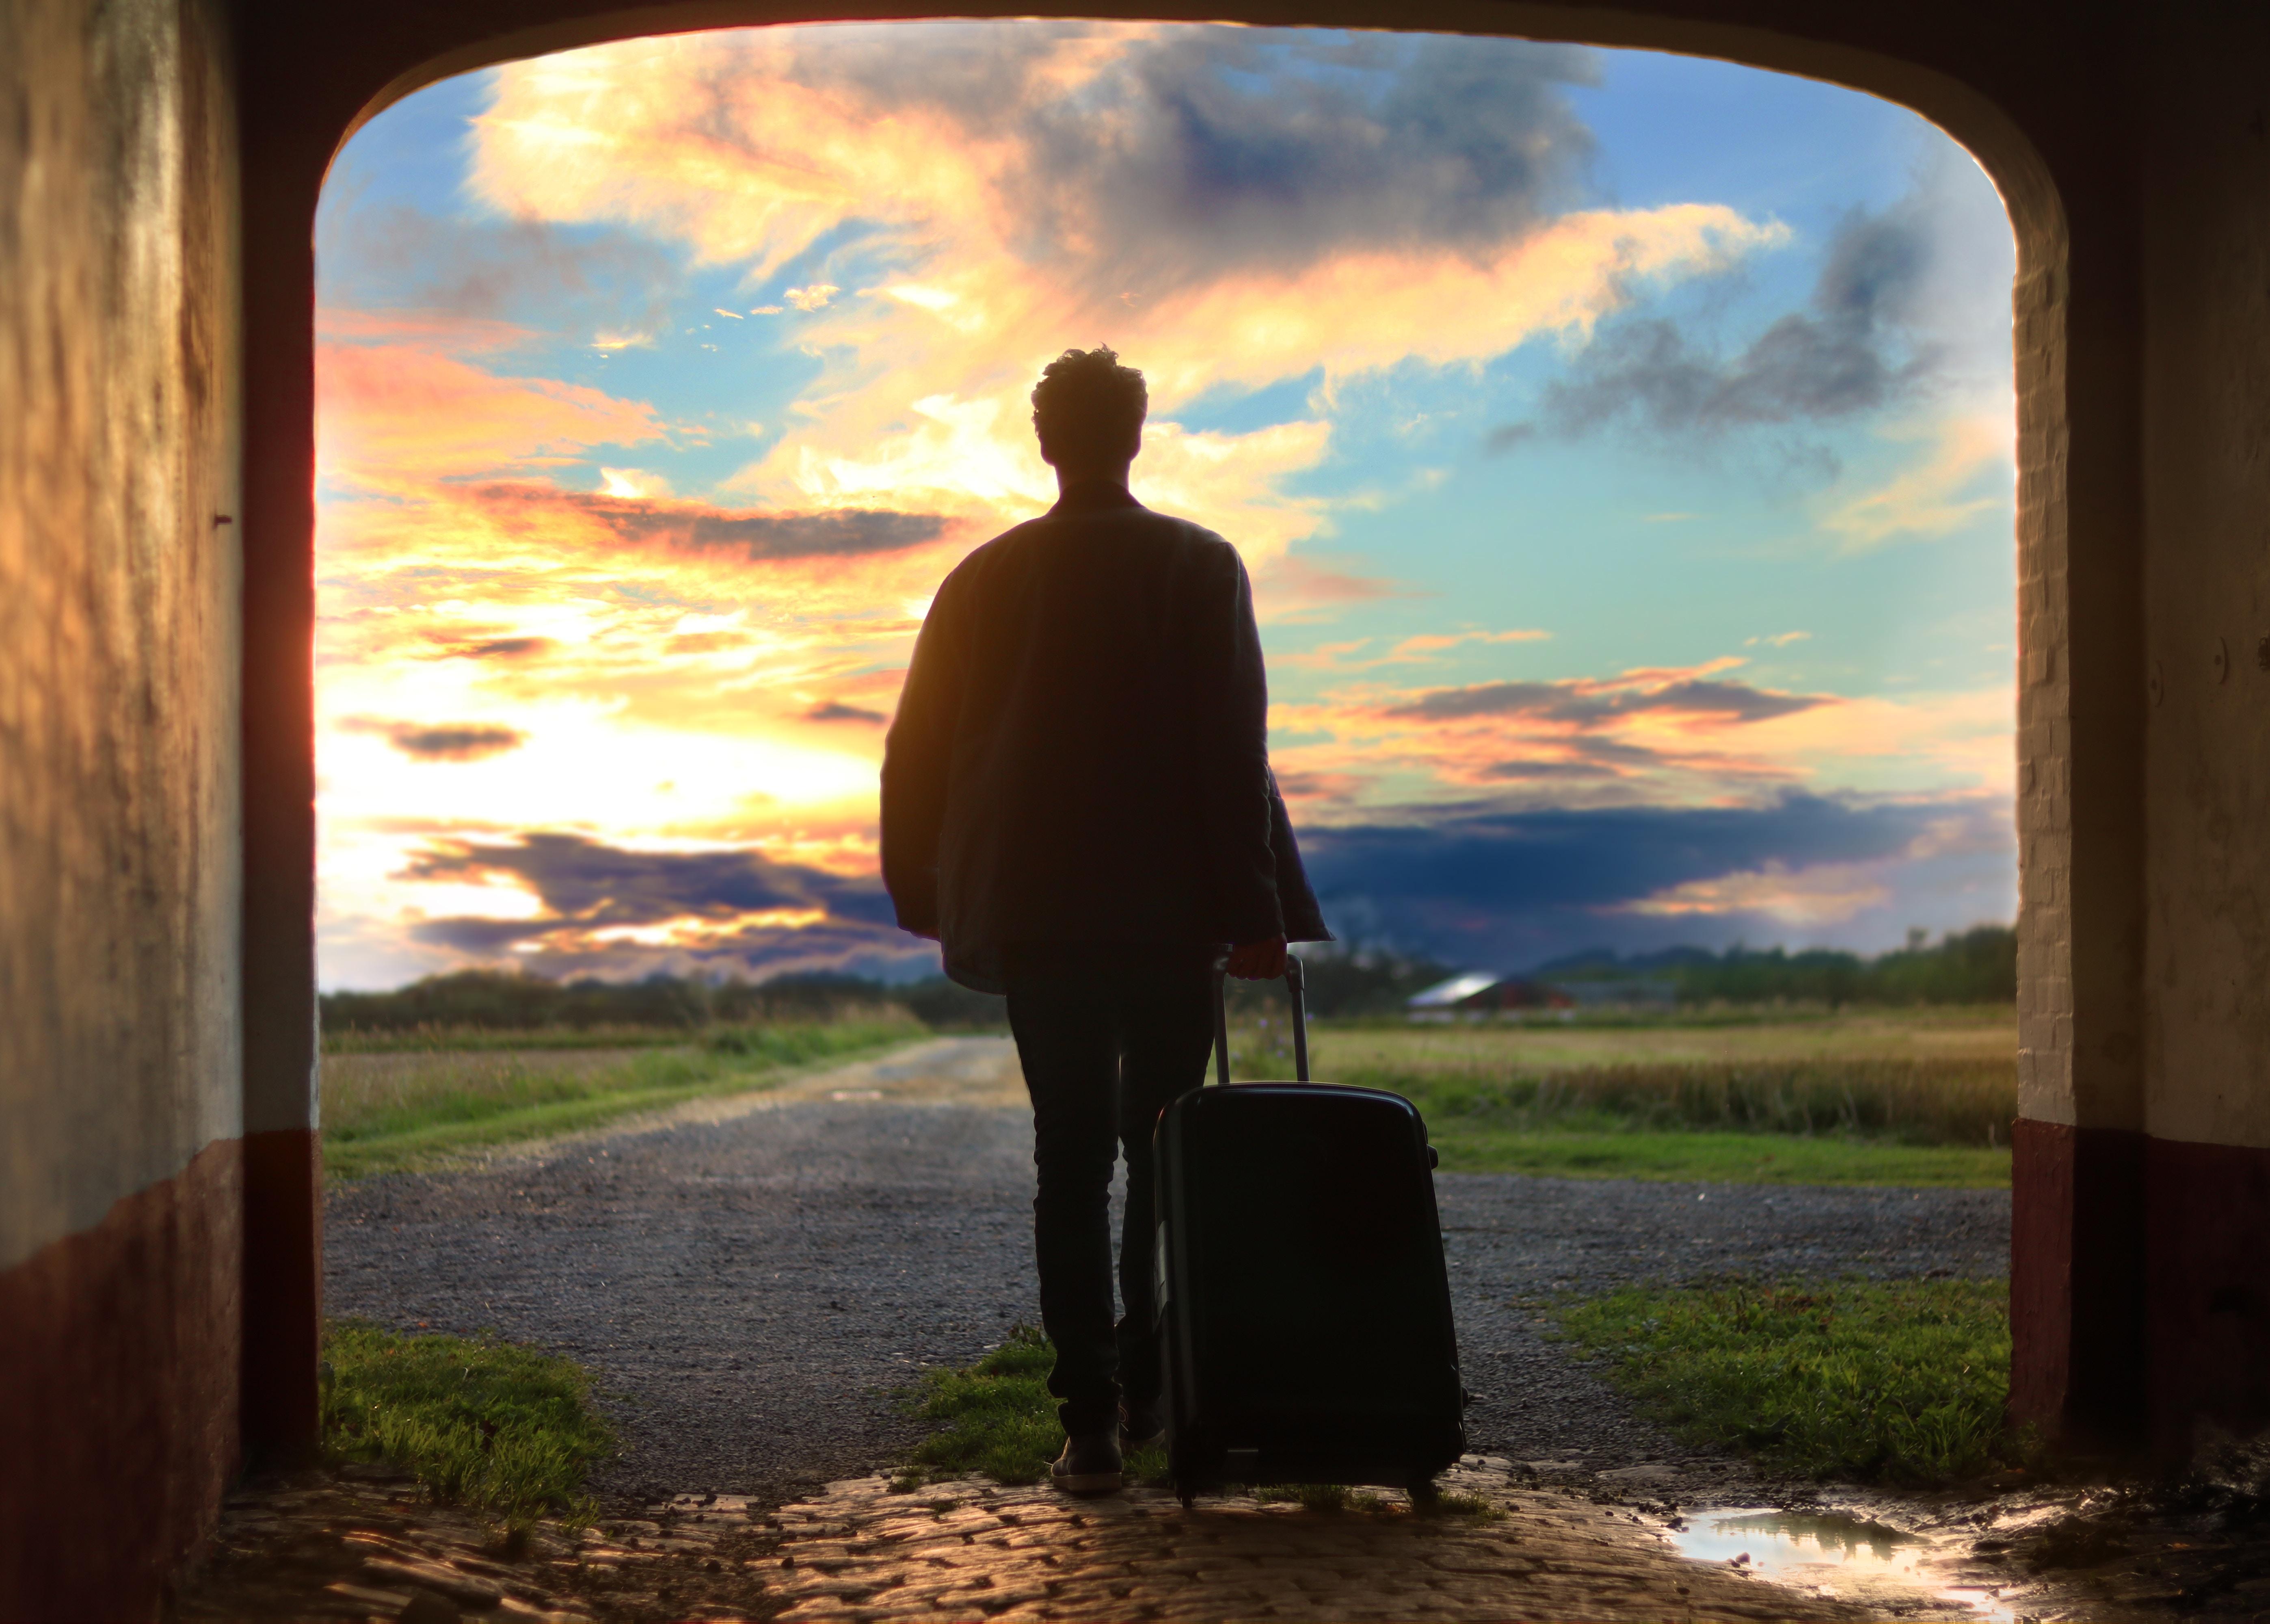 スーツケースを持ち旅に出かける男